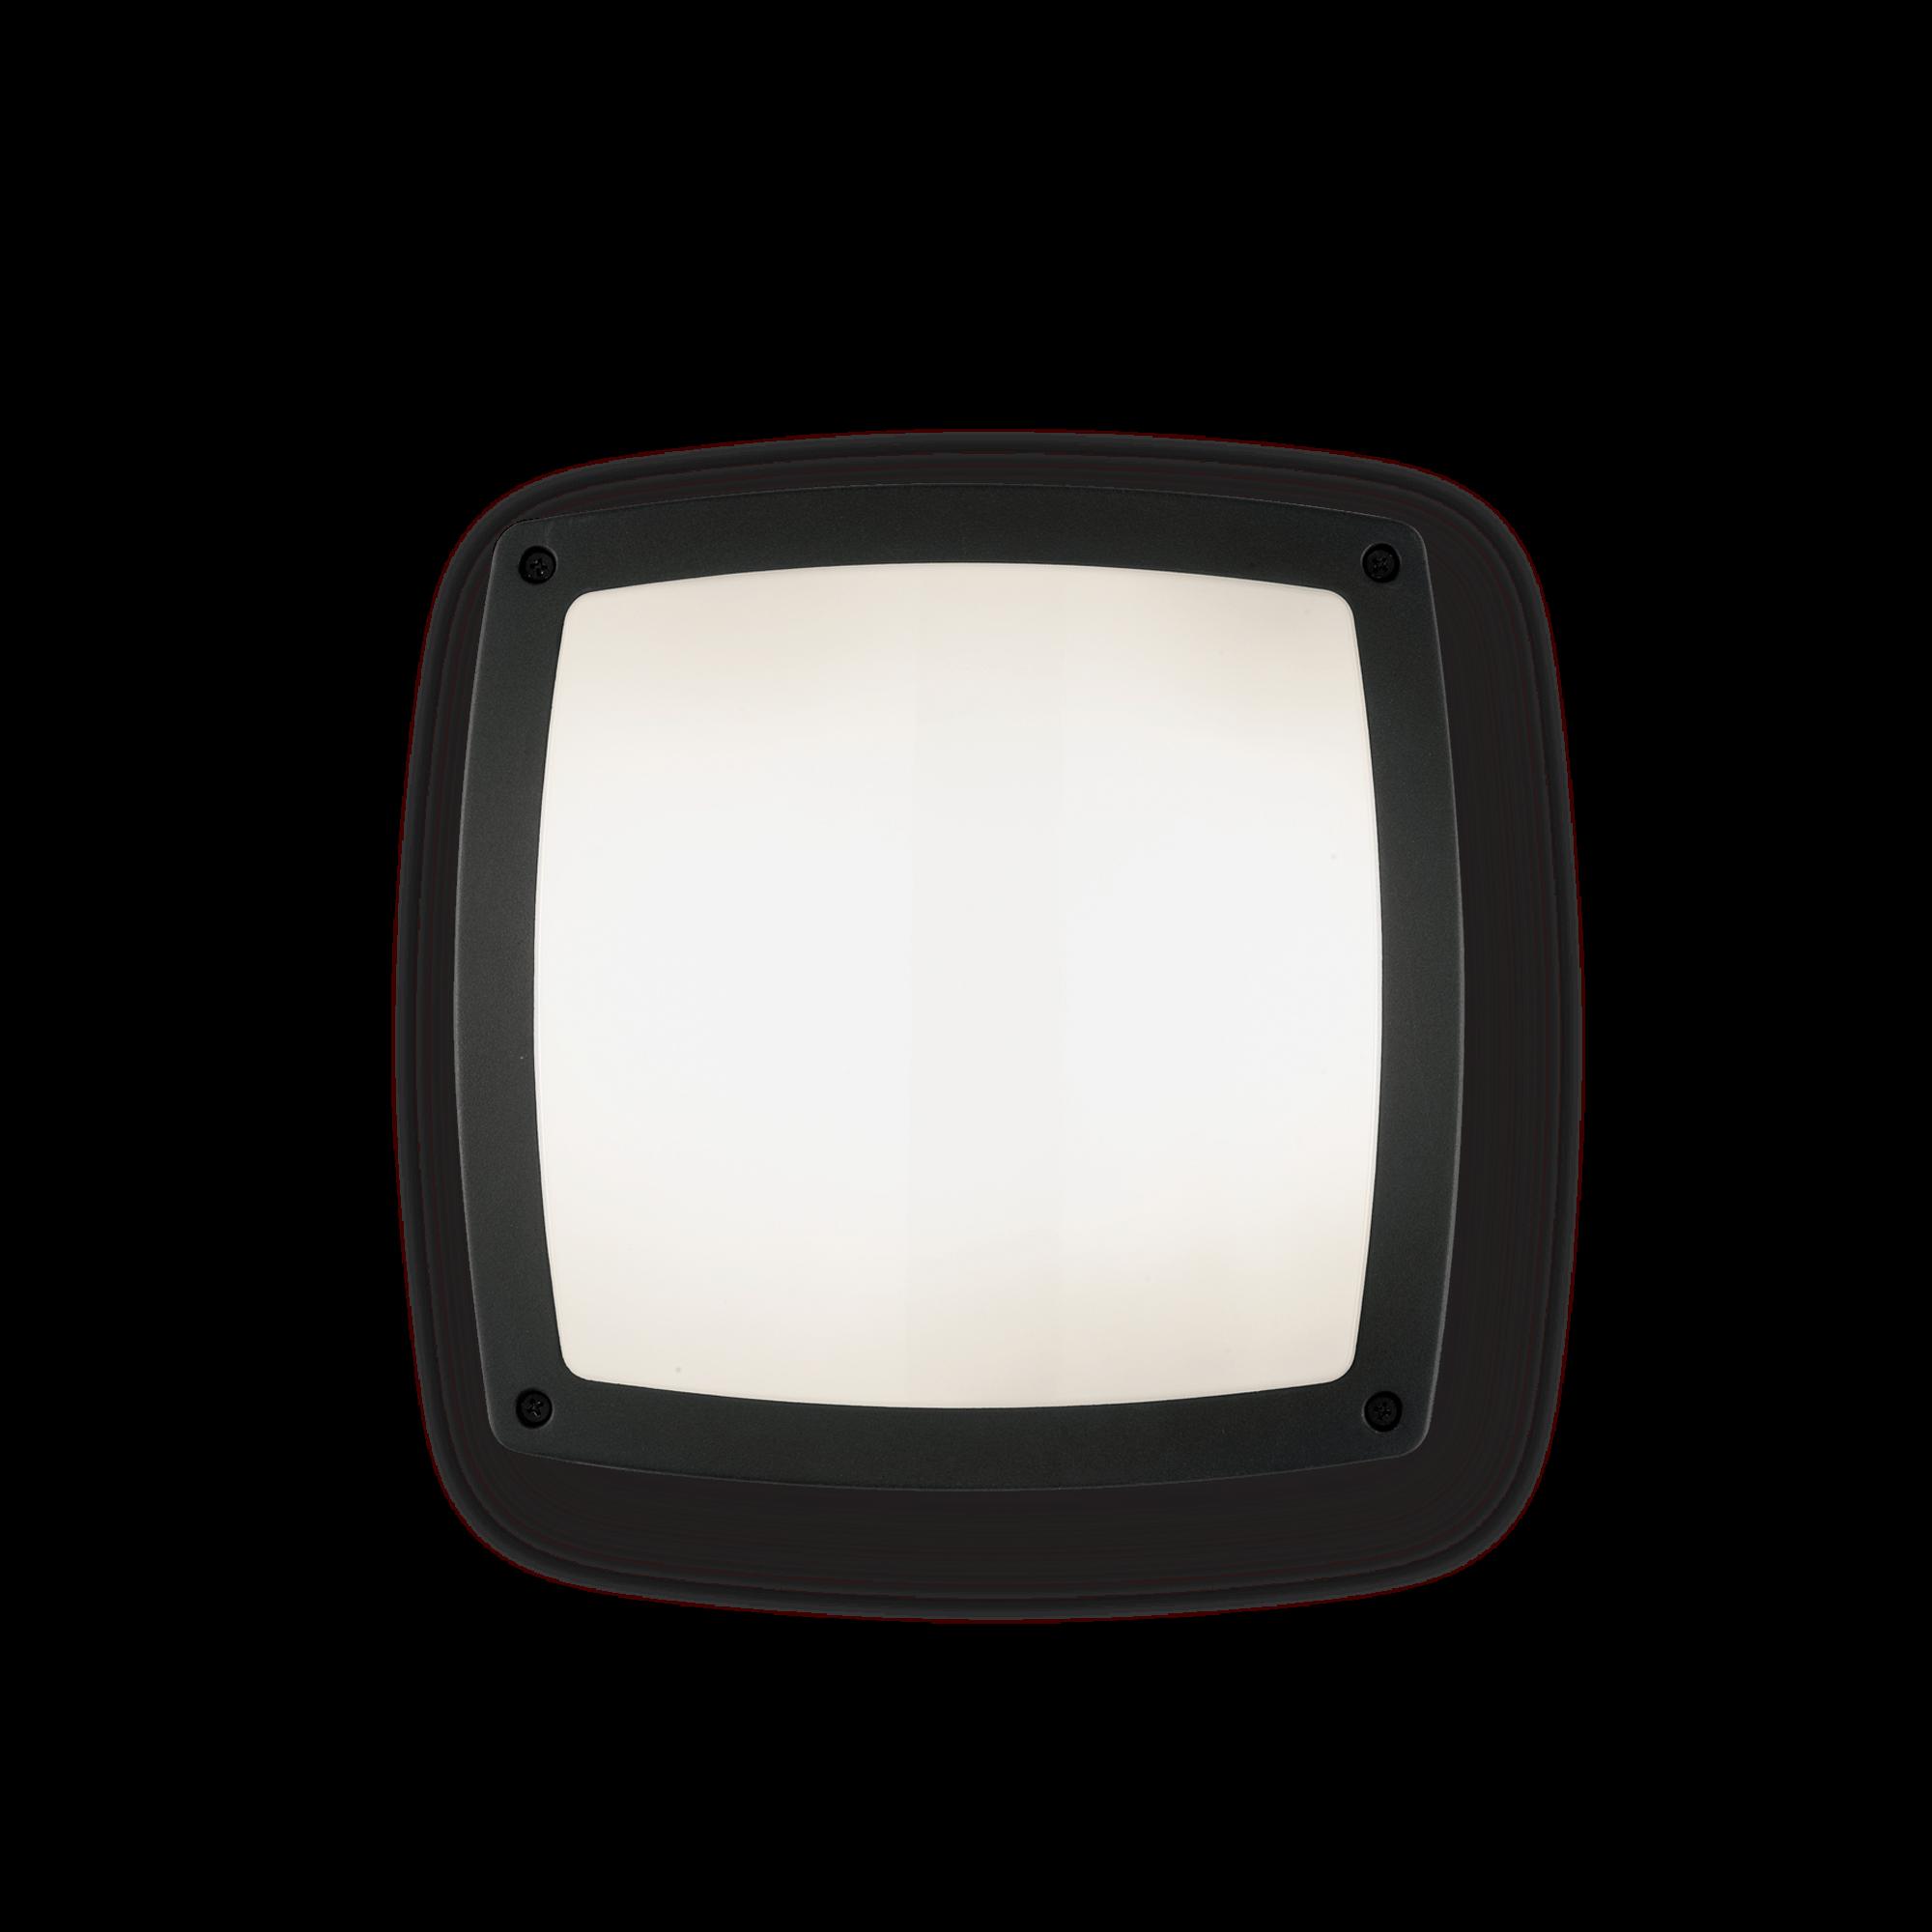 Ideal Lux 082271 Cometa PL3 Nero kültéri mennyezeti lámpa